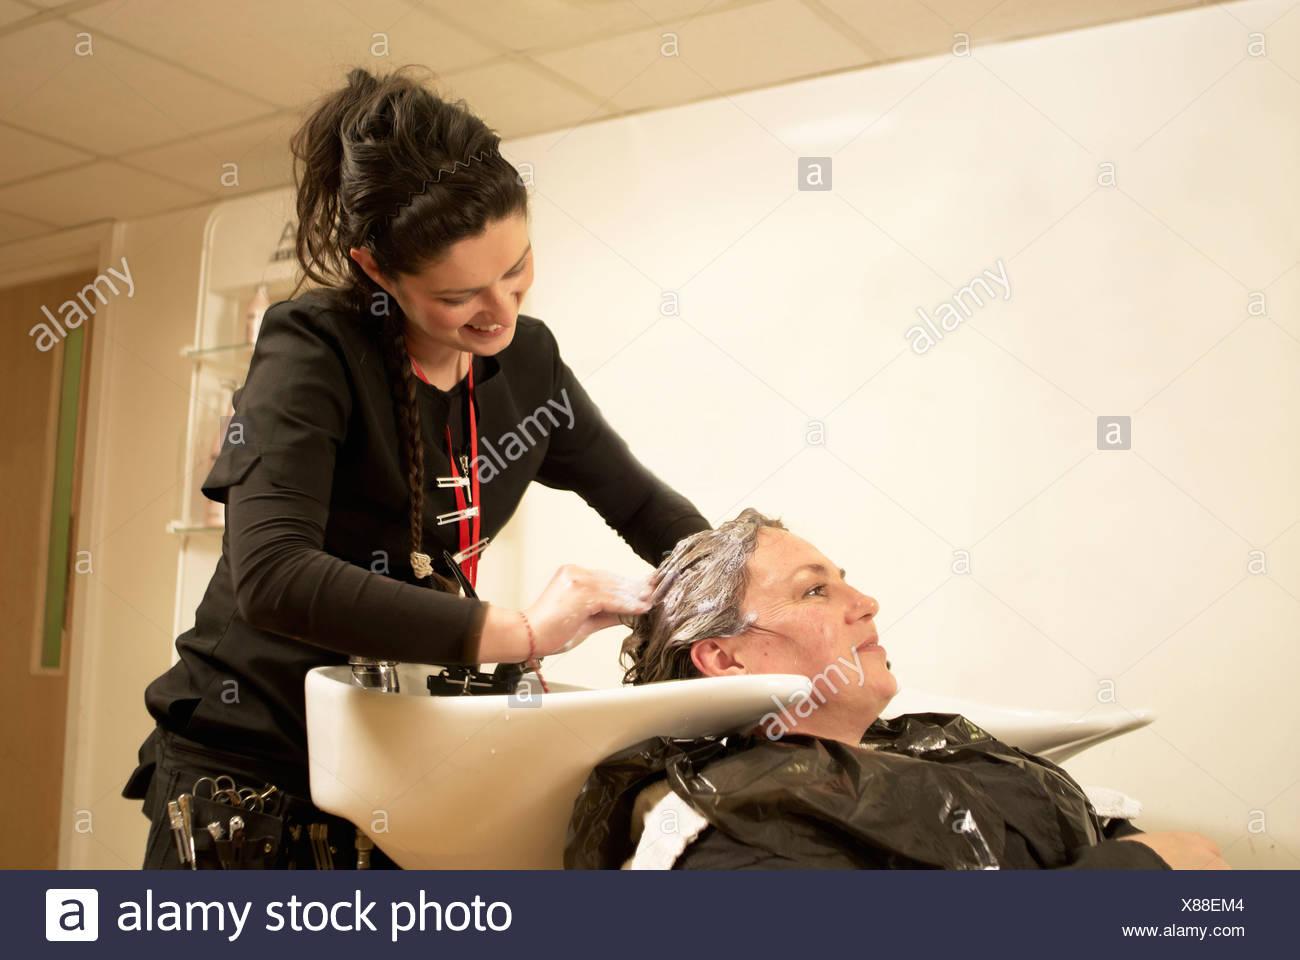 El estilista de cabello lavado clientes Foto de stock